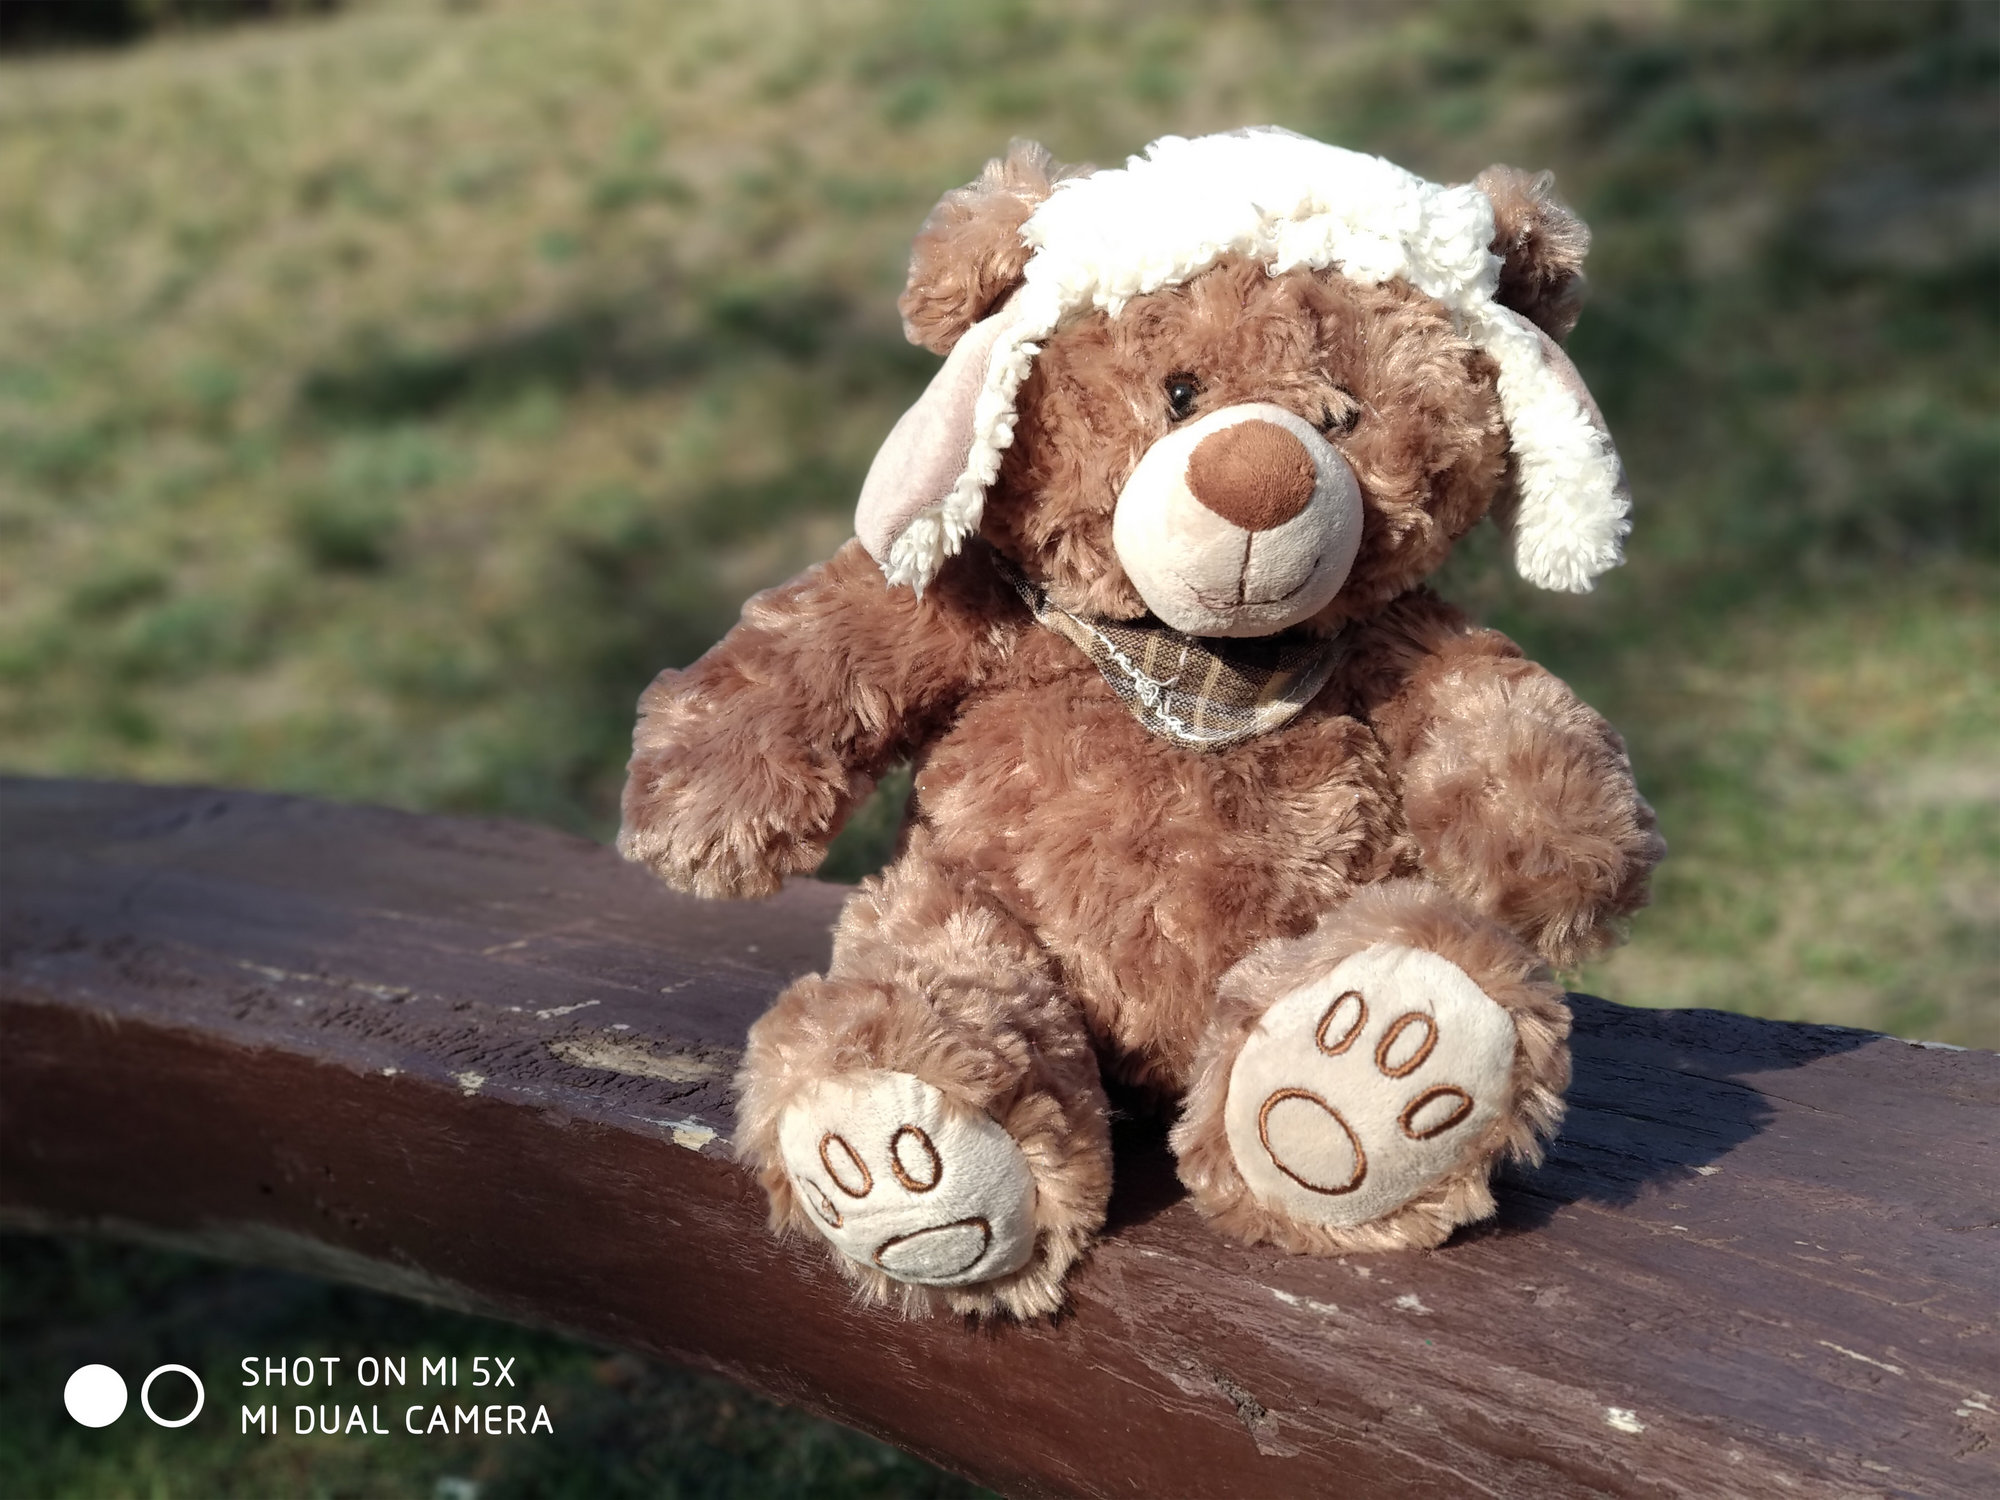 Медведь - пример фото на Xiaomi Mi 5x